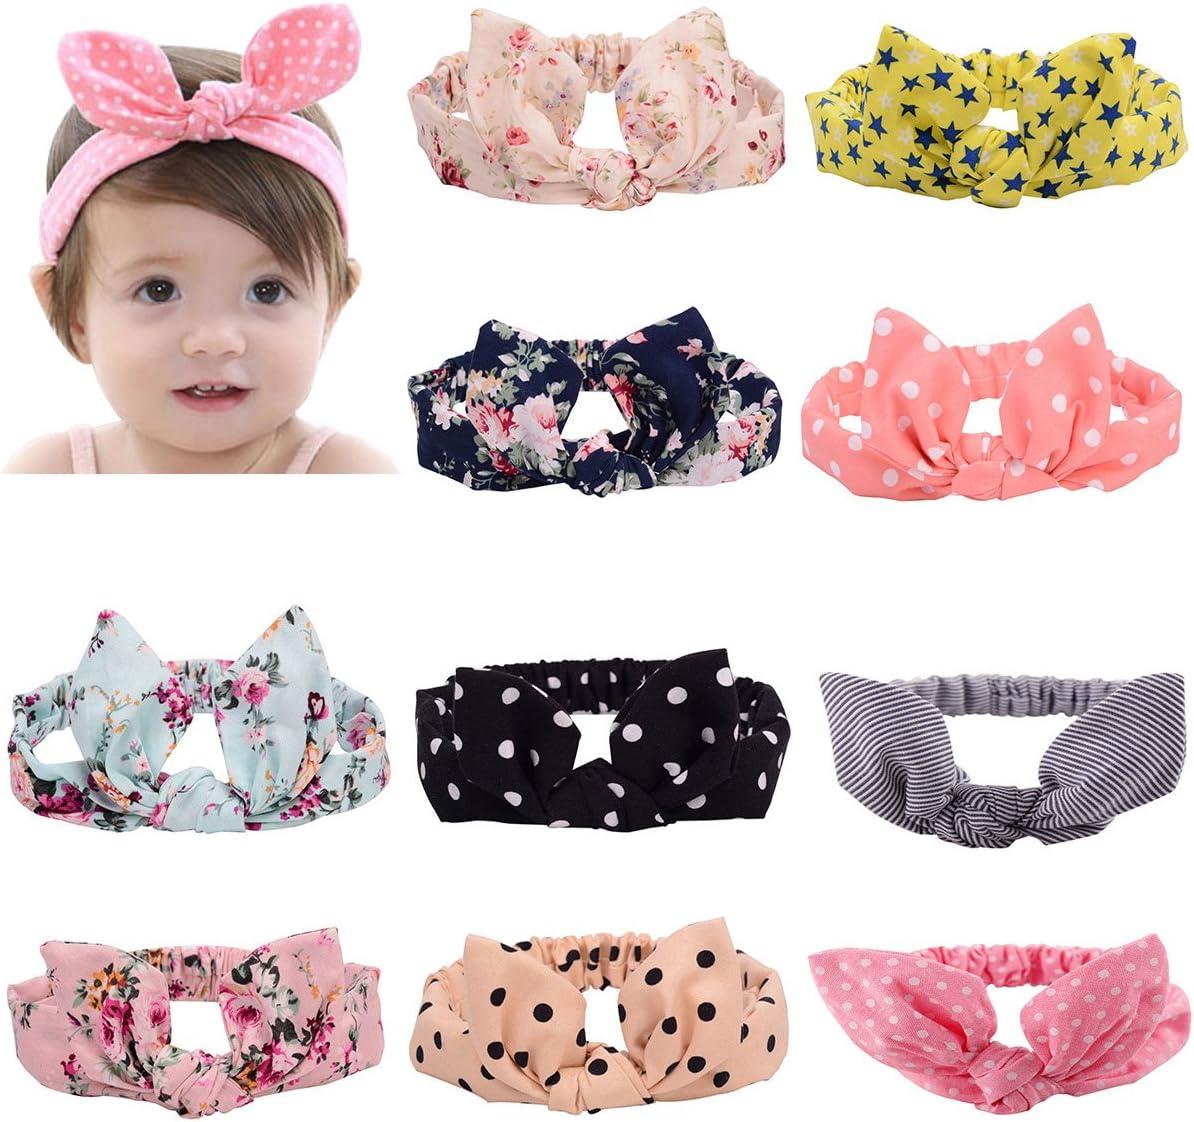 LZYMSZ 10 PC Balacas Bebe Niña Baby Turbante Banda para el Cabello,Felpas Niña Colorful Hair Wraps Baby Anudado Diademas